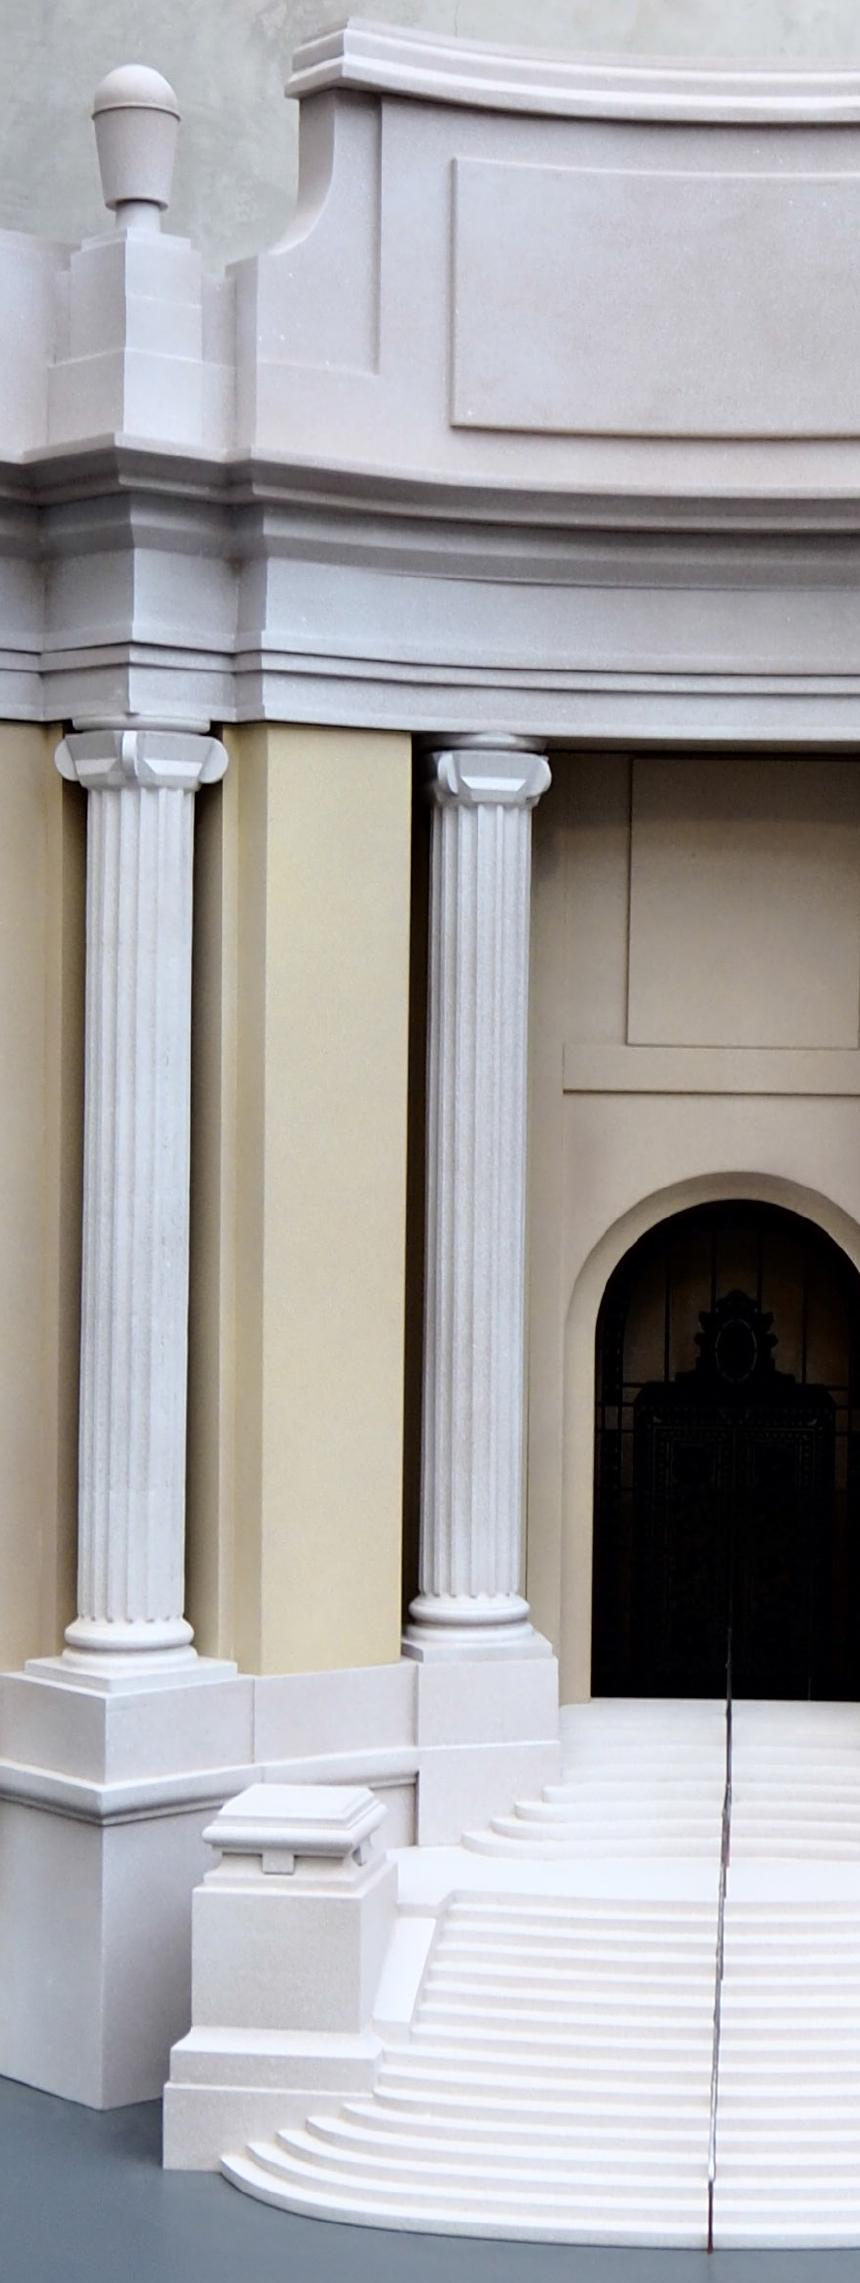 grand-palais-paris-maquette-1:25-fiac-art-architecture_02